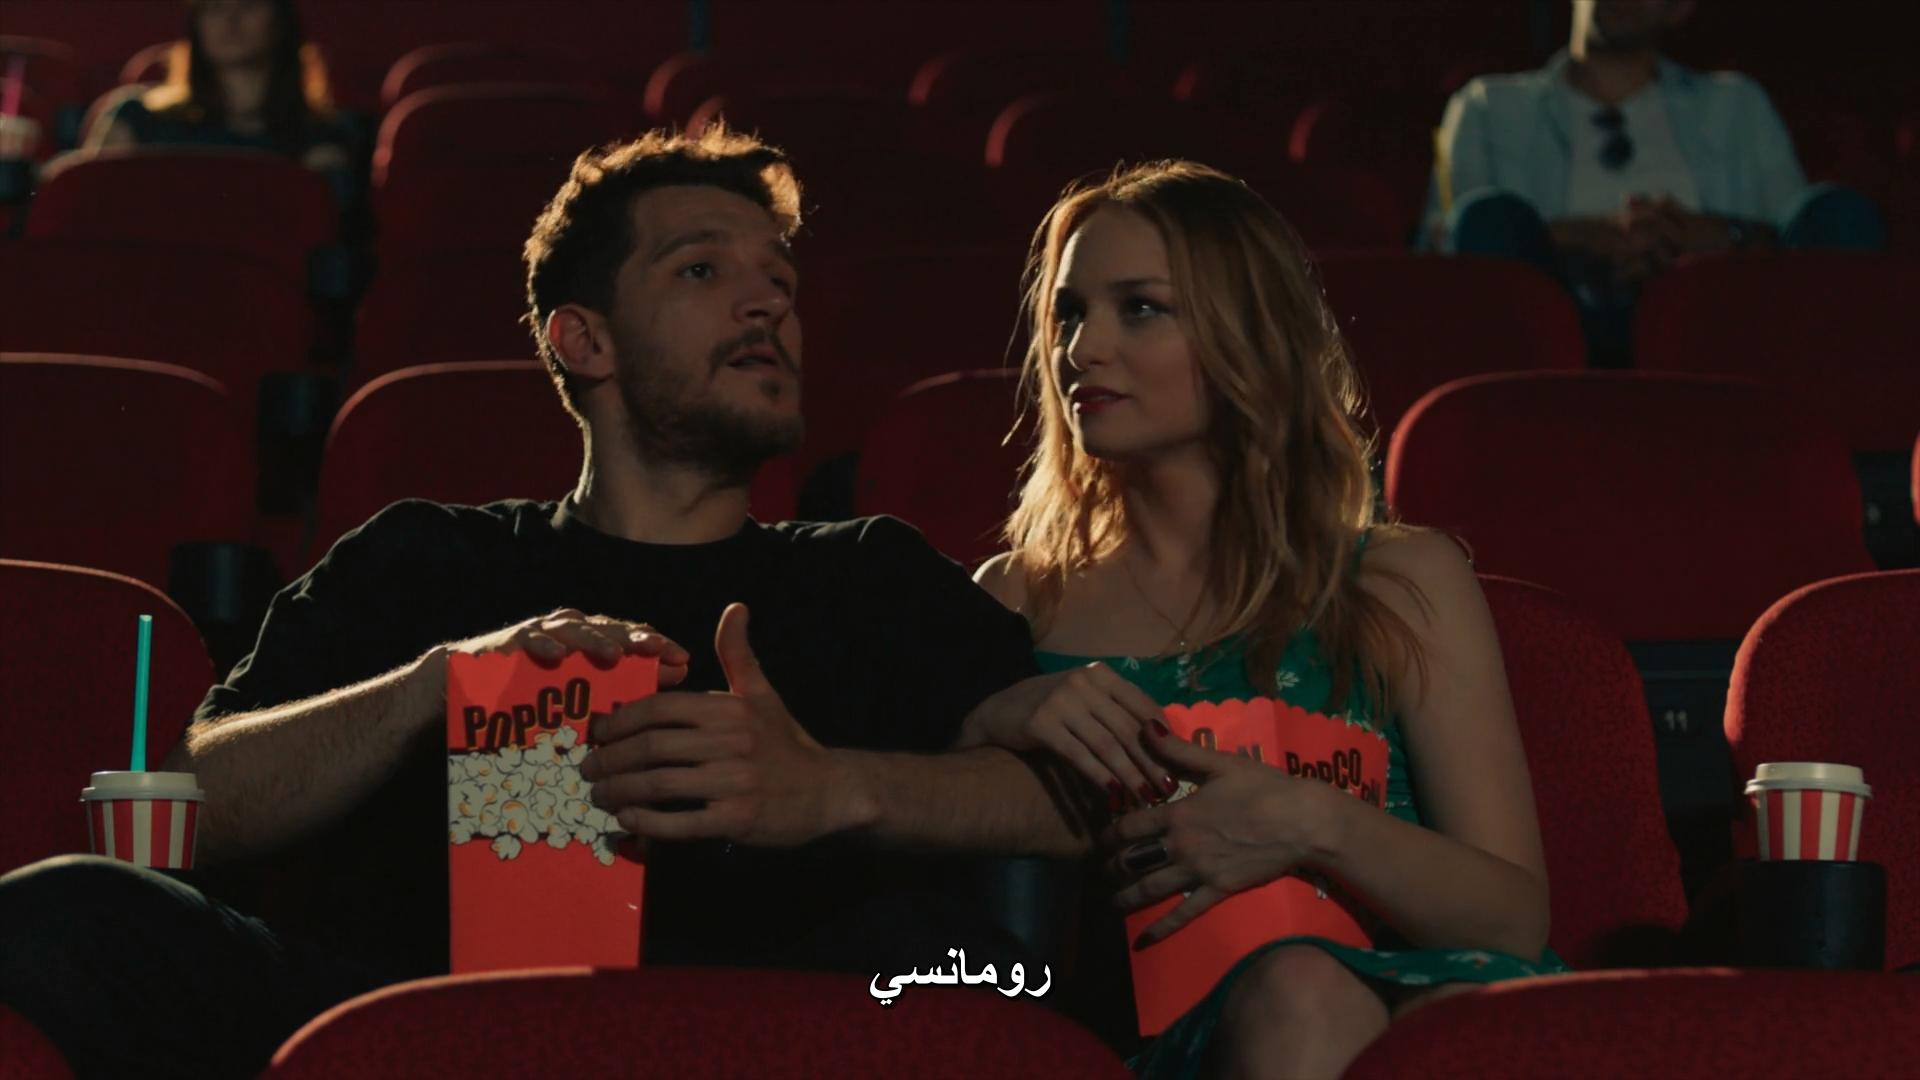 المسلسل التركي القصير نفس الشيء [م1 م2 م3][2019][مترجم][WEB DL][BLUTV][1080p] تحميل تورنت 8 arabp2p.com